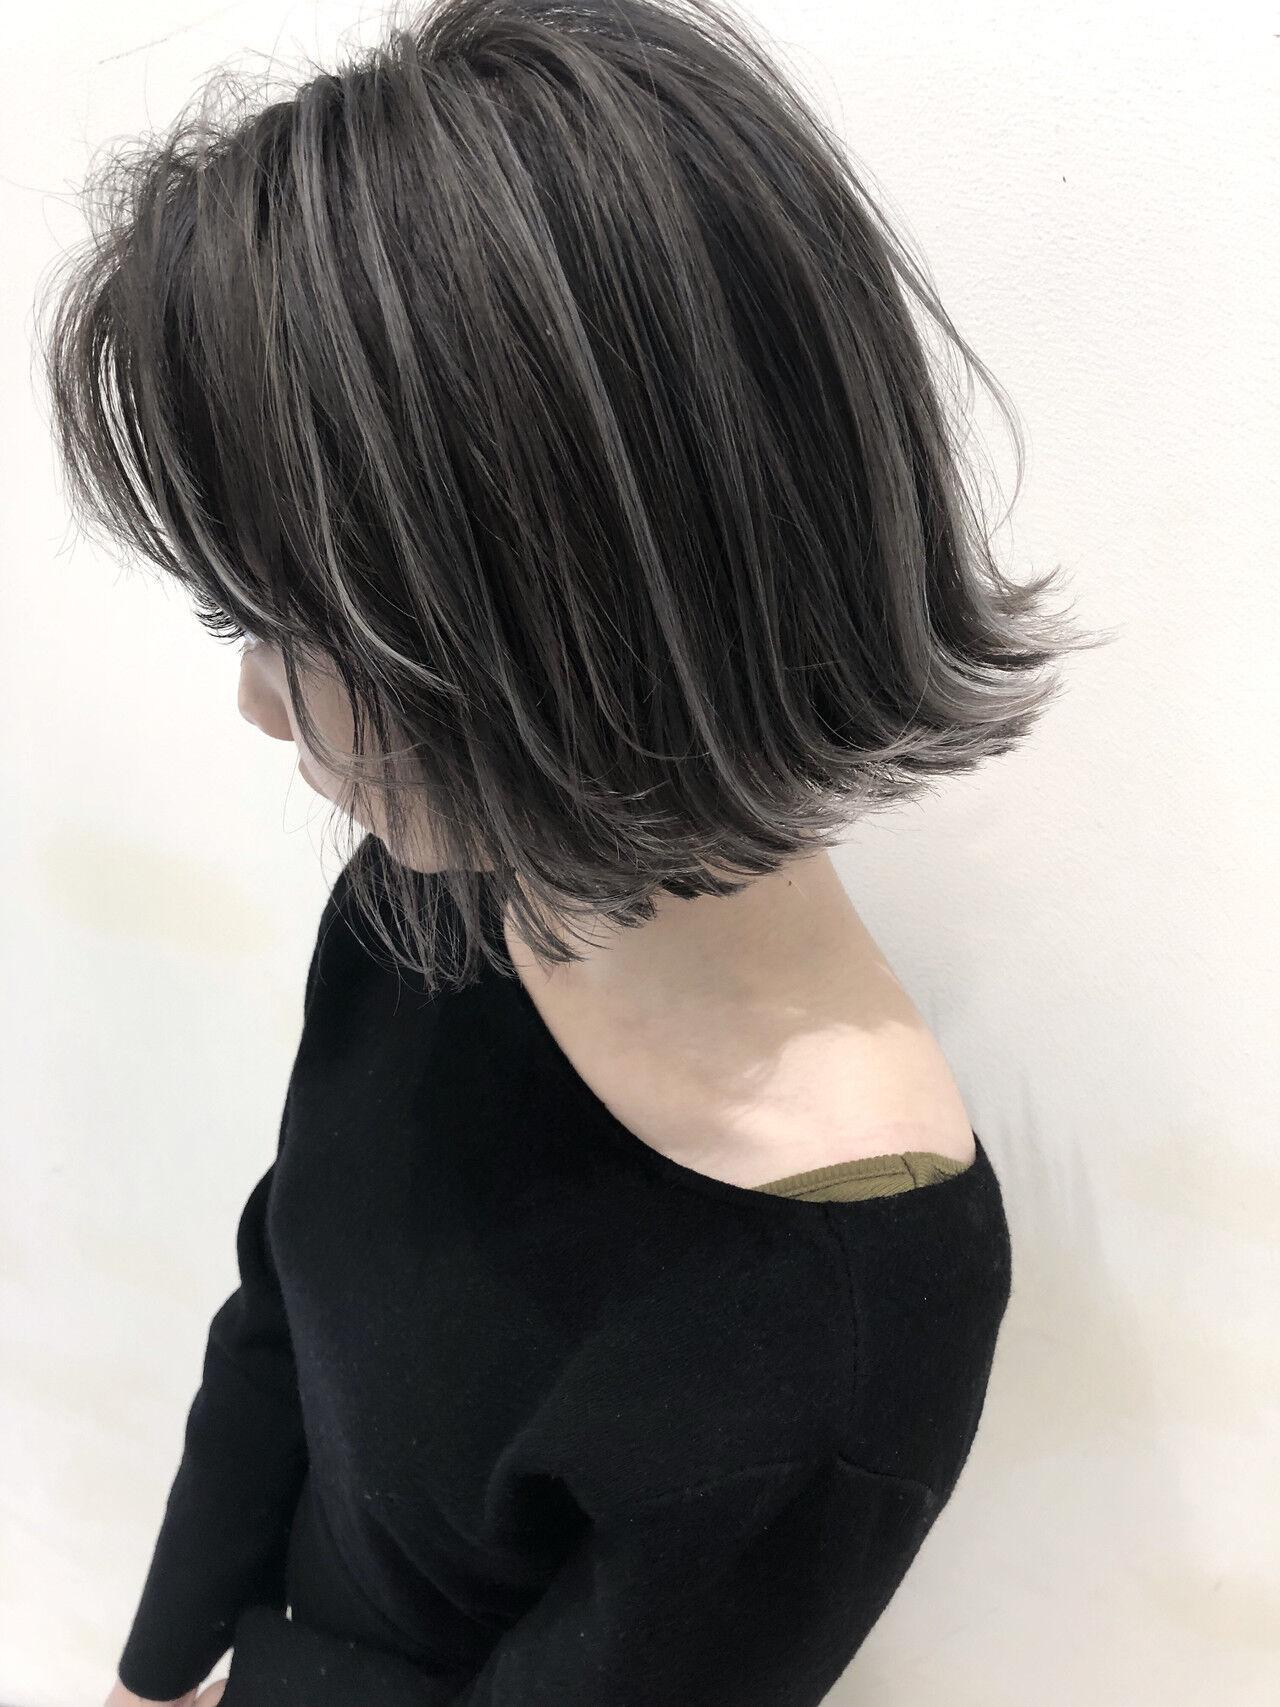 ハイライト グレージュ 外国人風 ウェーブヘアスタイルや髪型の写真・画像